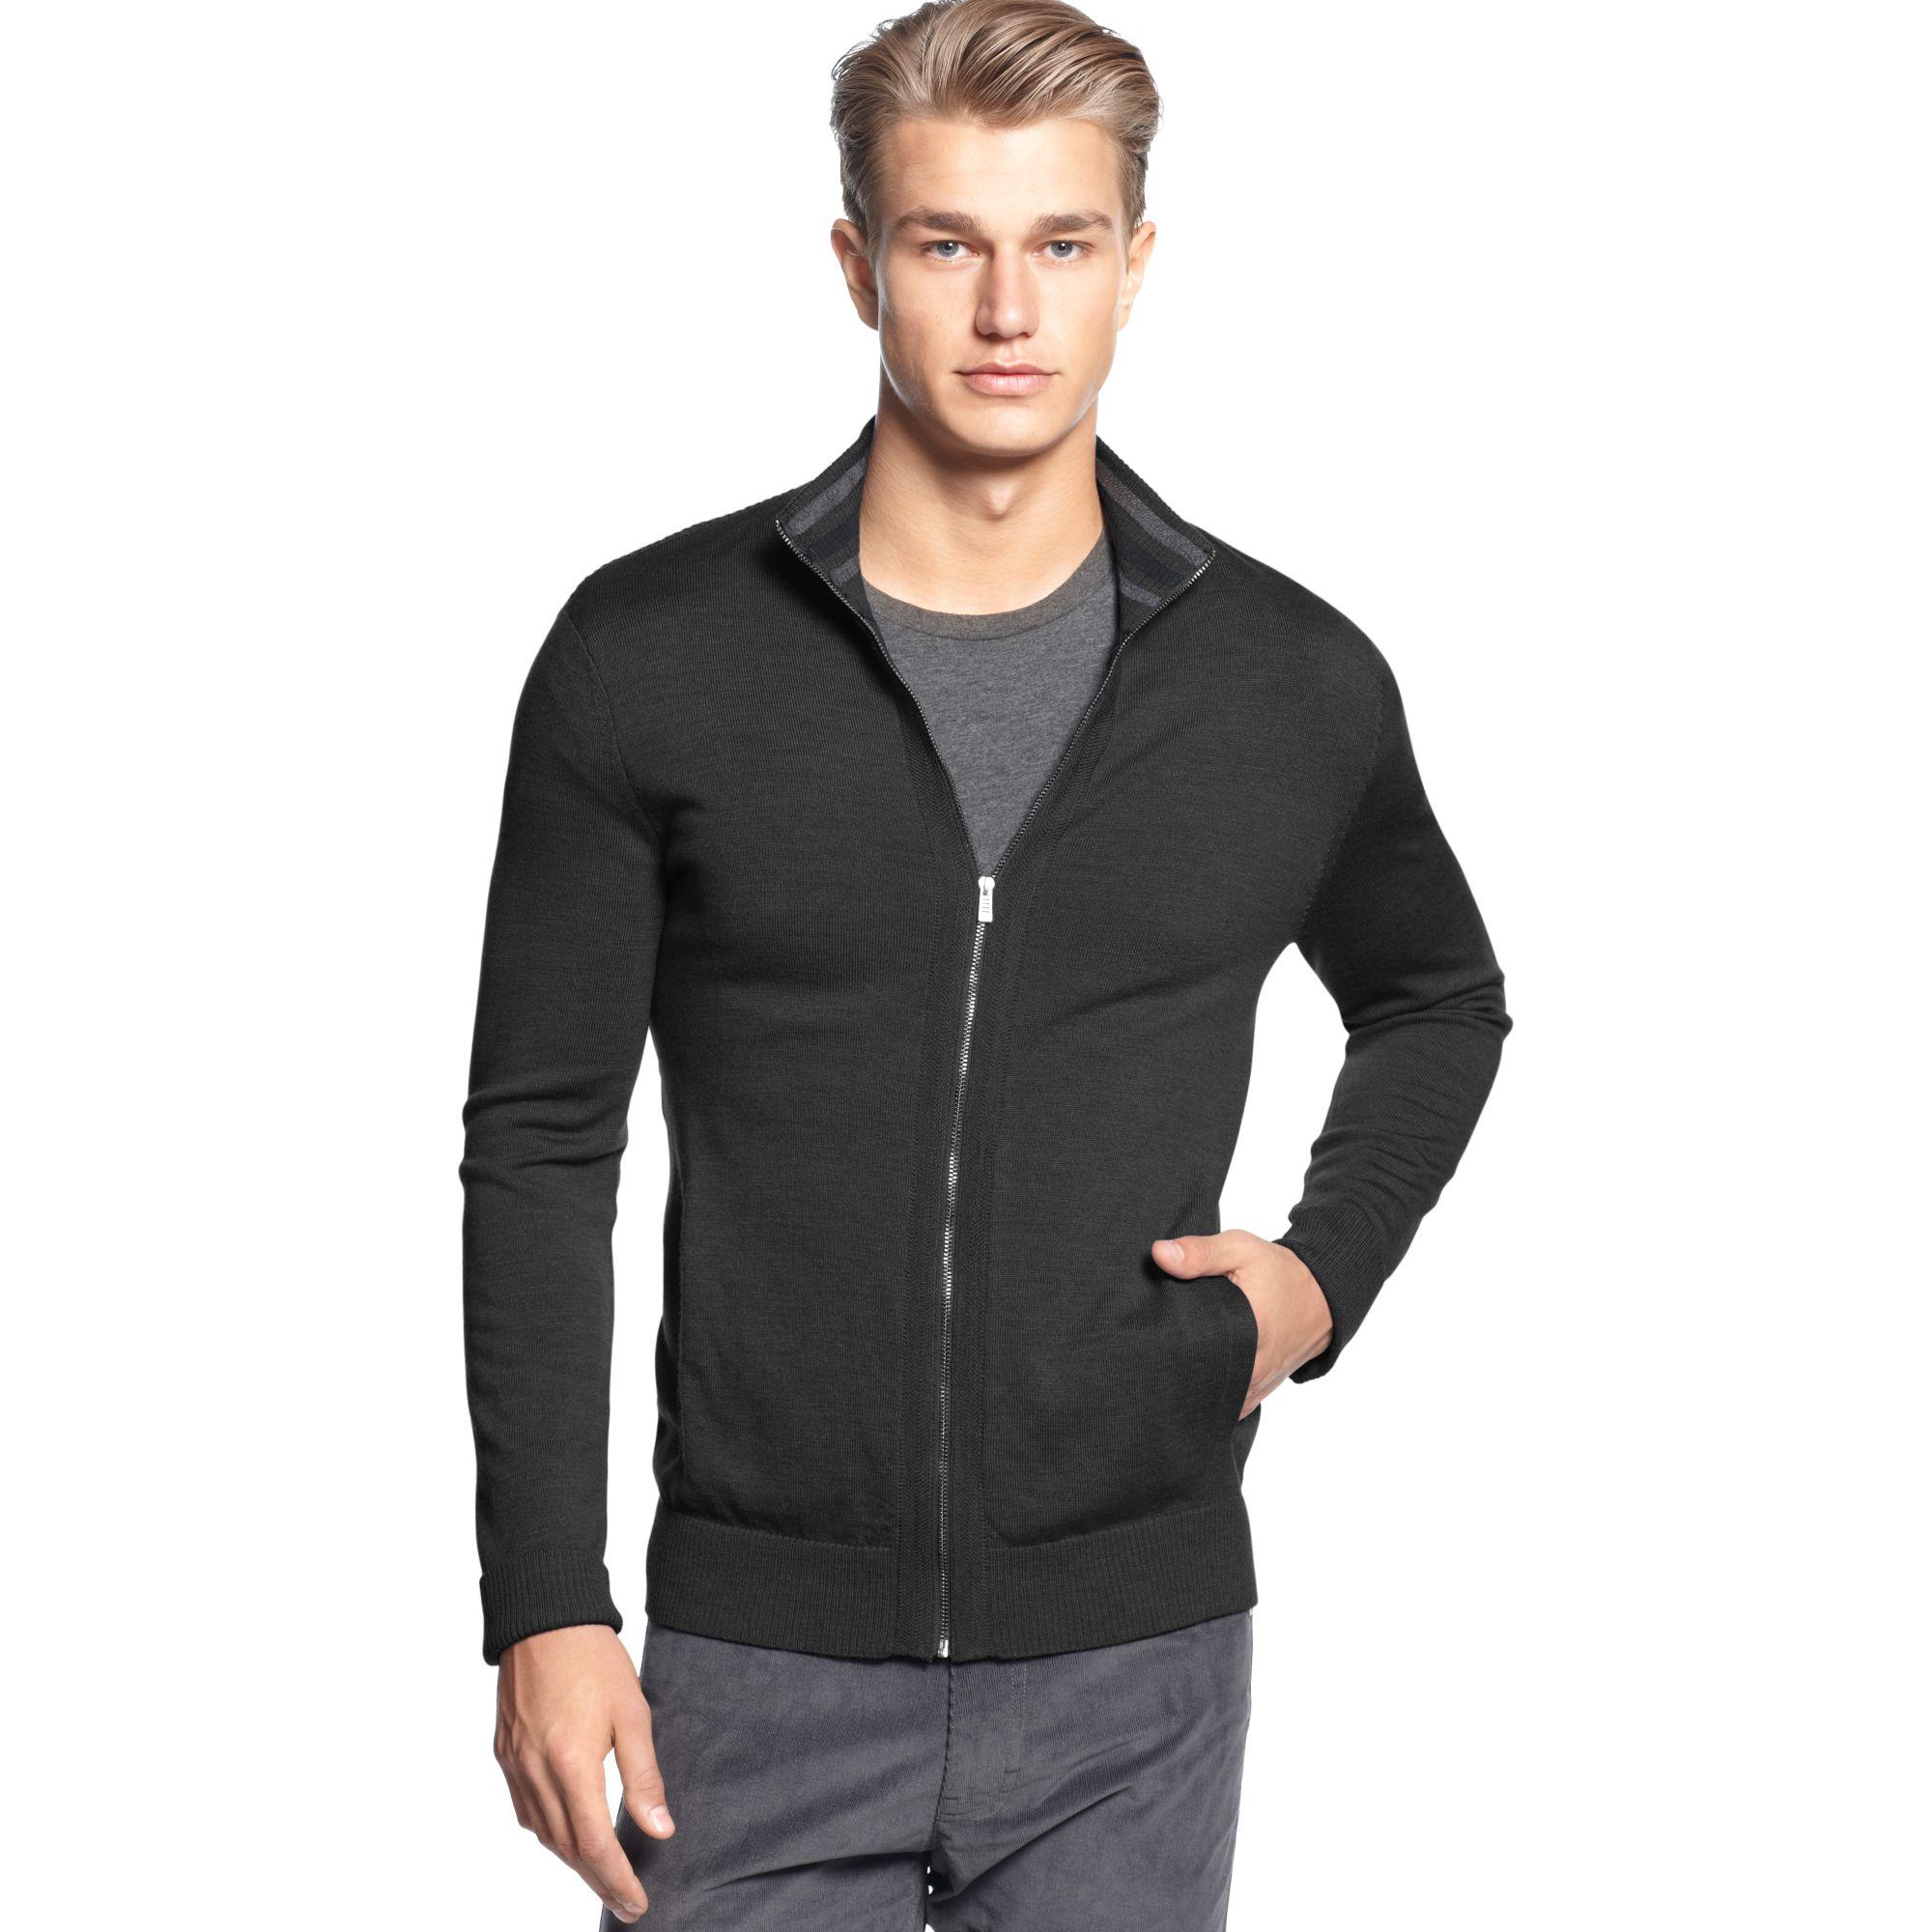 lyst calvin klein full zipper merino sweater in gray for men. Black Bedroom Furniture Sets. Home Design Ideas